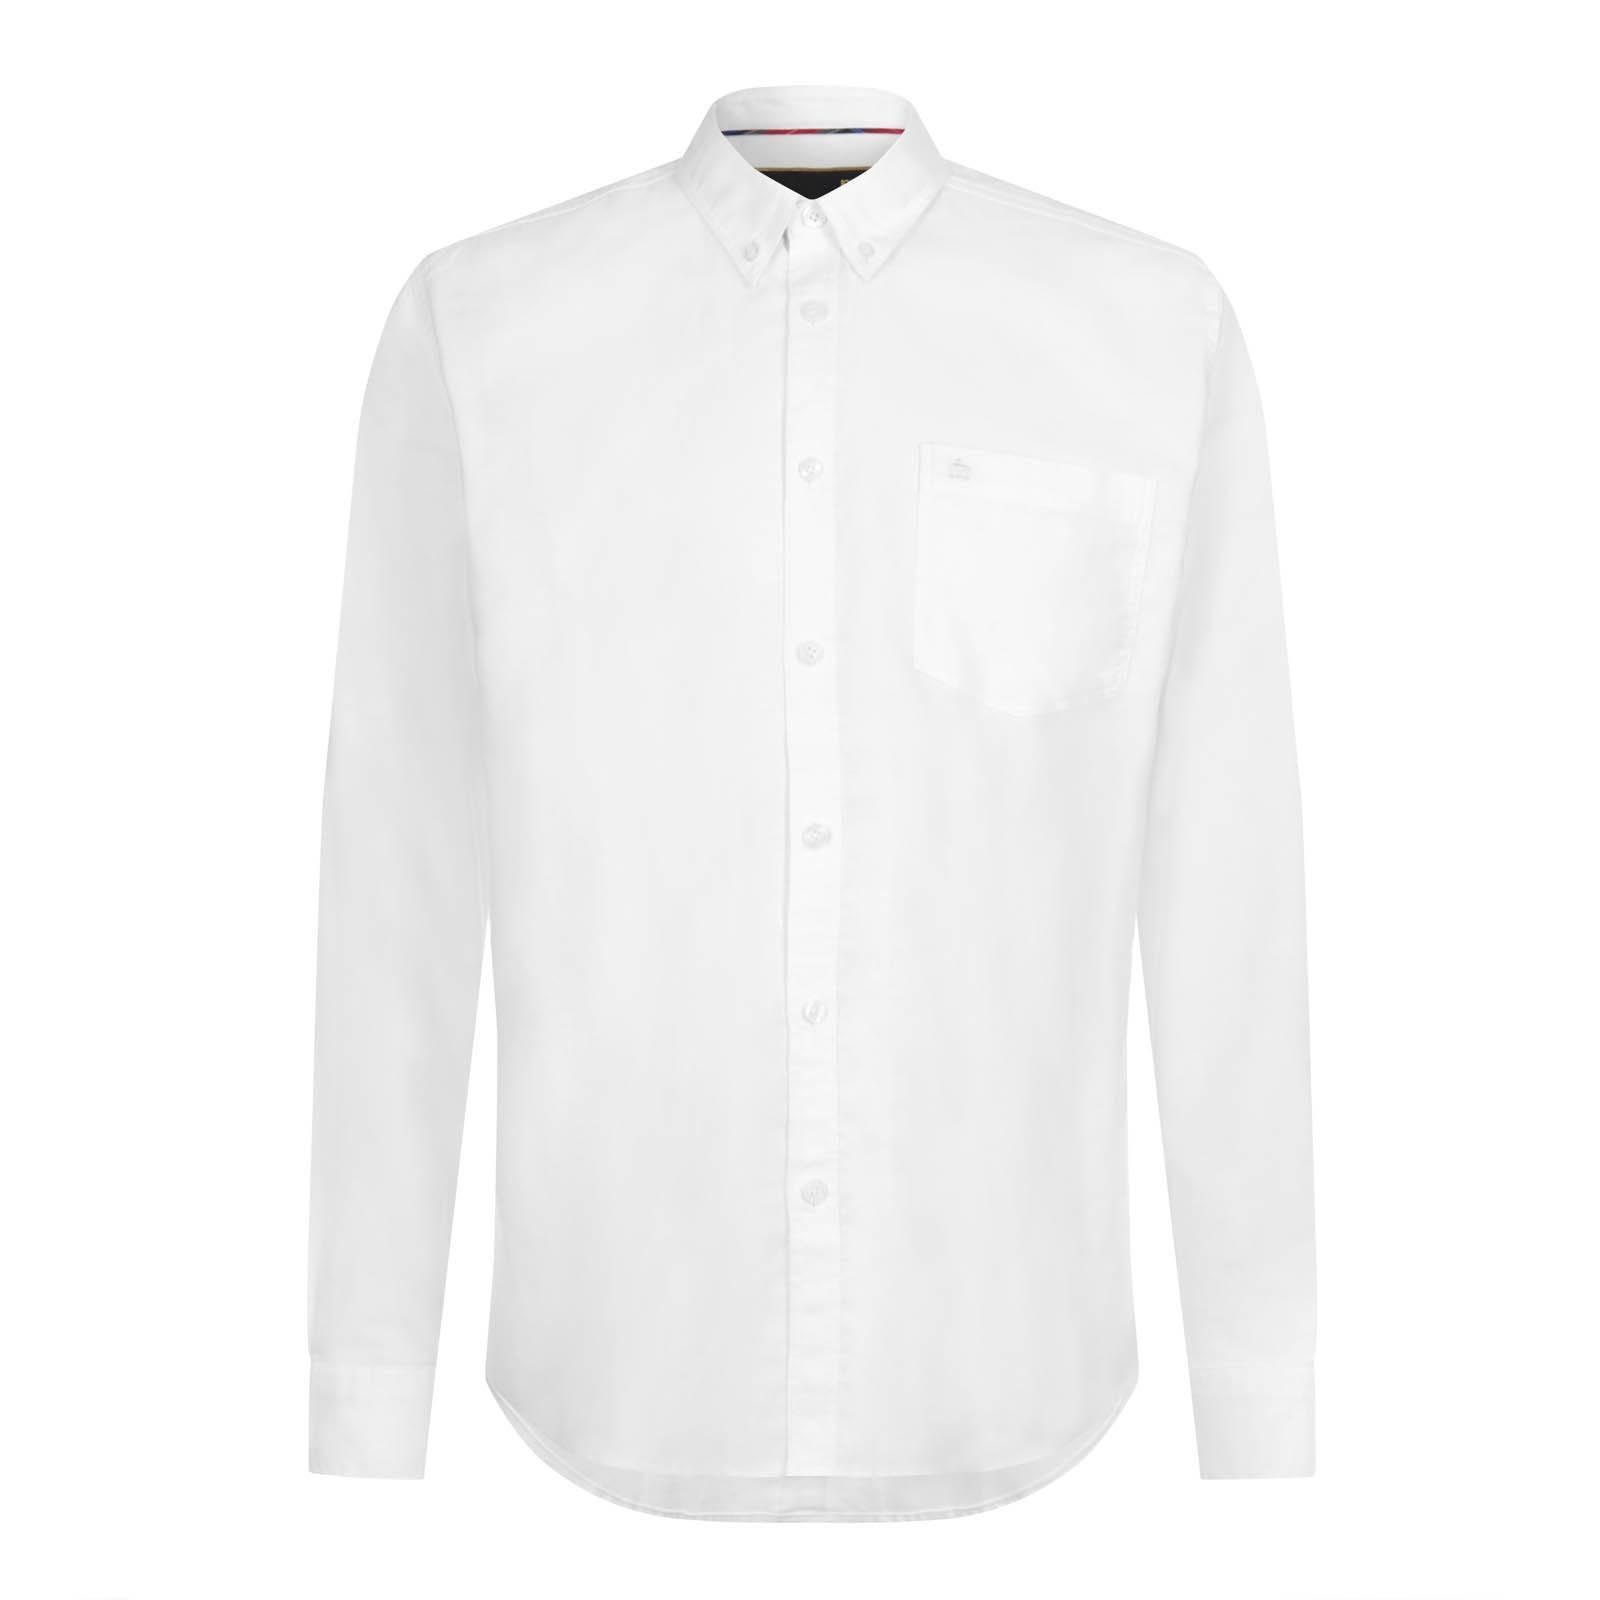 Рубашка OvalСлайдер на главной<br>Классическая, приталенного покроя мужская рубашка, изготовленная из легкой, плотной и мягкой на ощупь рубашечной ткани Оксфорд, характерным признаком которой является текстурная поверхность, состоящая из мельчайших, расположенных в шахматном порядке белых квадратов,  — такой эффект достигается путем использования мелкоузорчатого ткацкого переплетения «рогожка».  Этот комфортный, благородный и дышащий материал в конце XIX века стал использоваться в Англии для пошива спортивных рубашек, которые носили игроки в поло, а полвека спустя подобные сорочки стали частью гардероба университетской Лиги Плюща – основоположнице преппи стиля. Традиционный для рубашек Оксфорд button-down воротник на пуговицах позволяет красиво комбинировать эту универсальную модель с V-образным трикотажем и кардиганами. Её также можно носить с костюмом, джинсами и Харрингтоном. Брендирована фирменным логотипом Корона на нагрудном кармане.<br><br>Артикул: 1516113<br>Материал: 65% полиэстер, 35% хлопок<br>Цвет: белый<br>Пол: Мужской